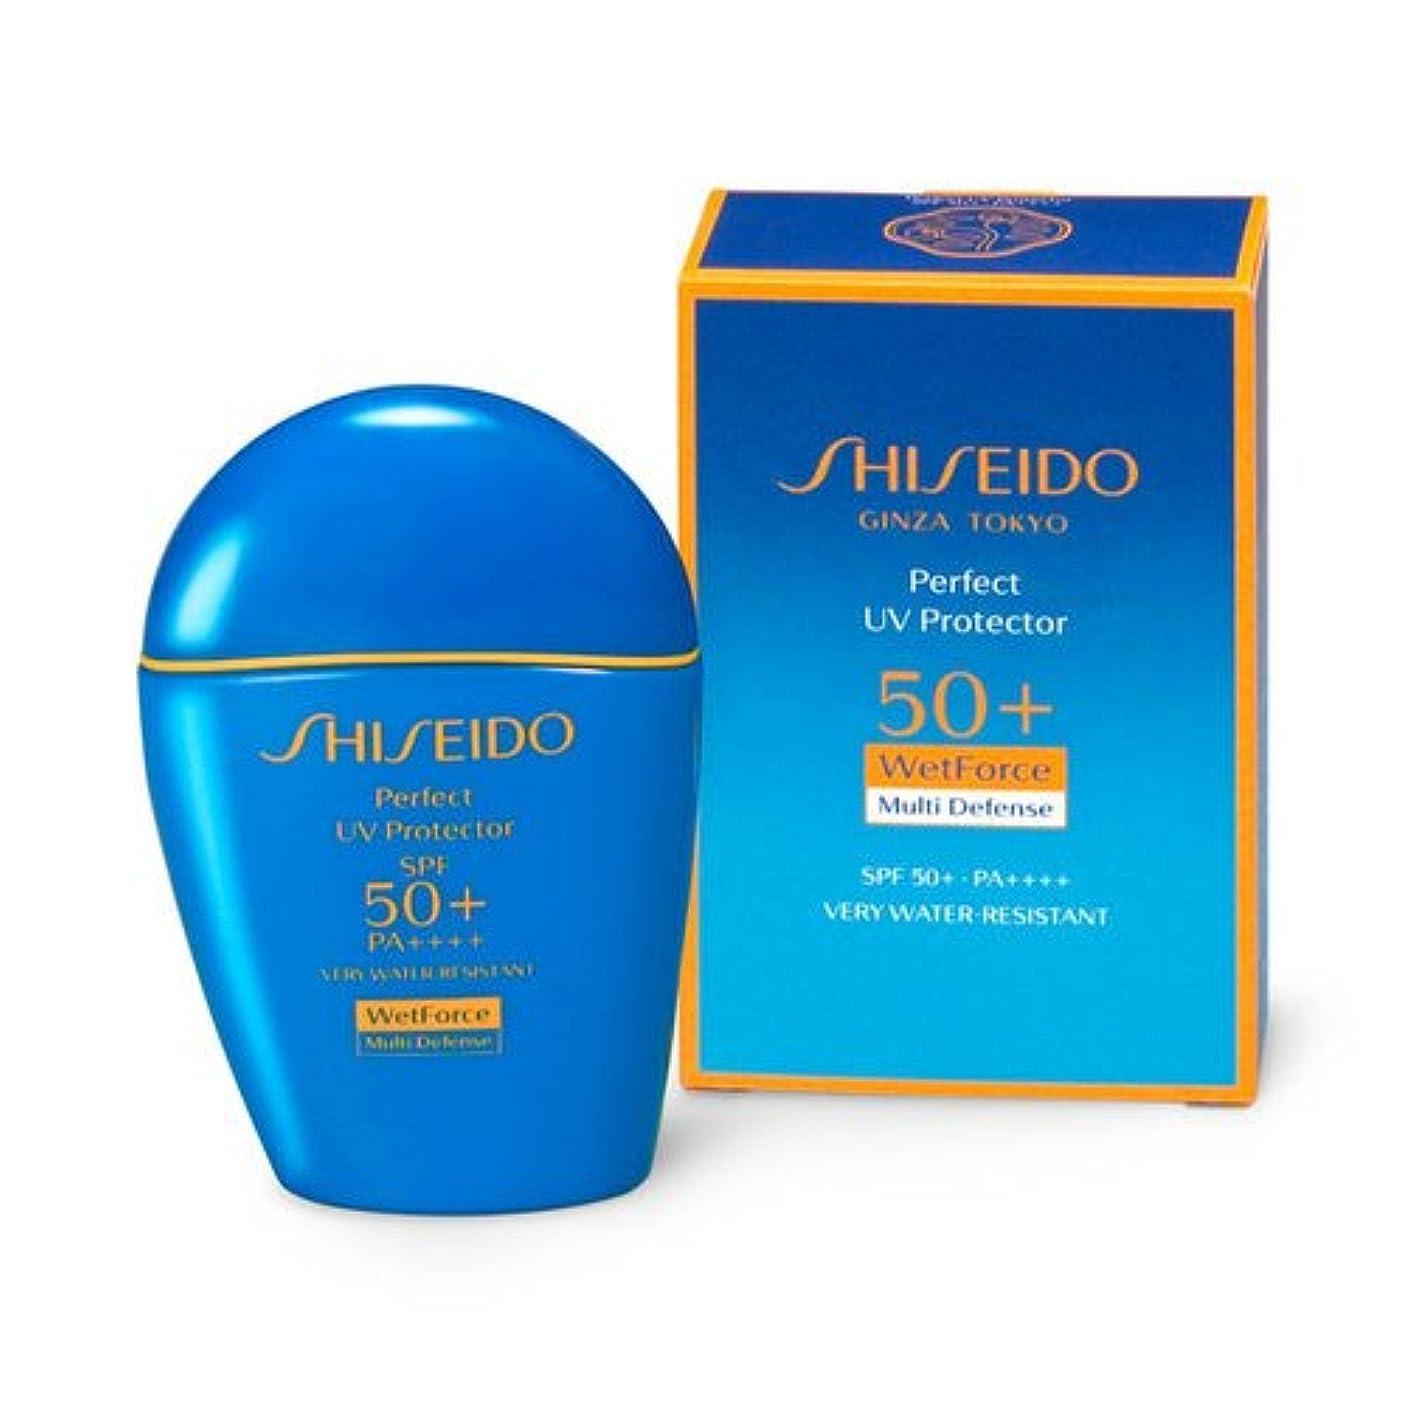 立派な放課後切り刻むSHISEIDO Suncare(資生堂 サンケア) SHISEIDO(資生堂) パーフェクト UVプロテクター 50mL